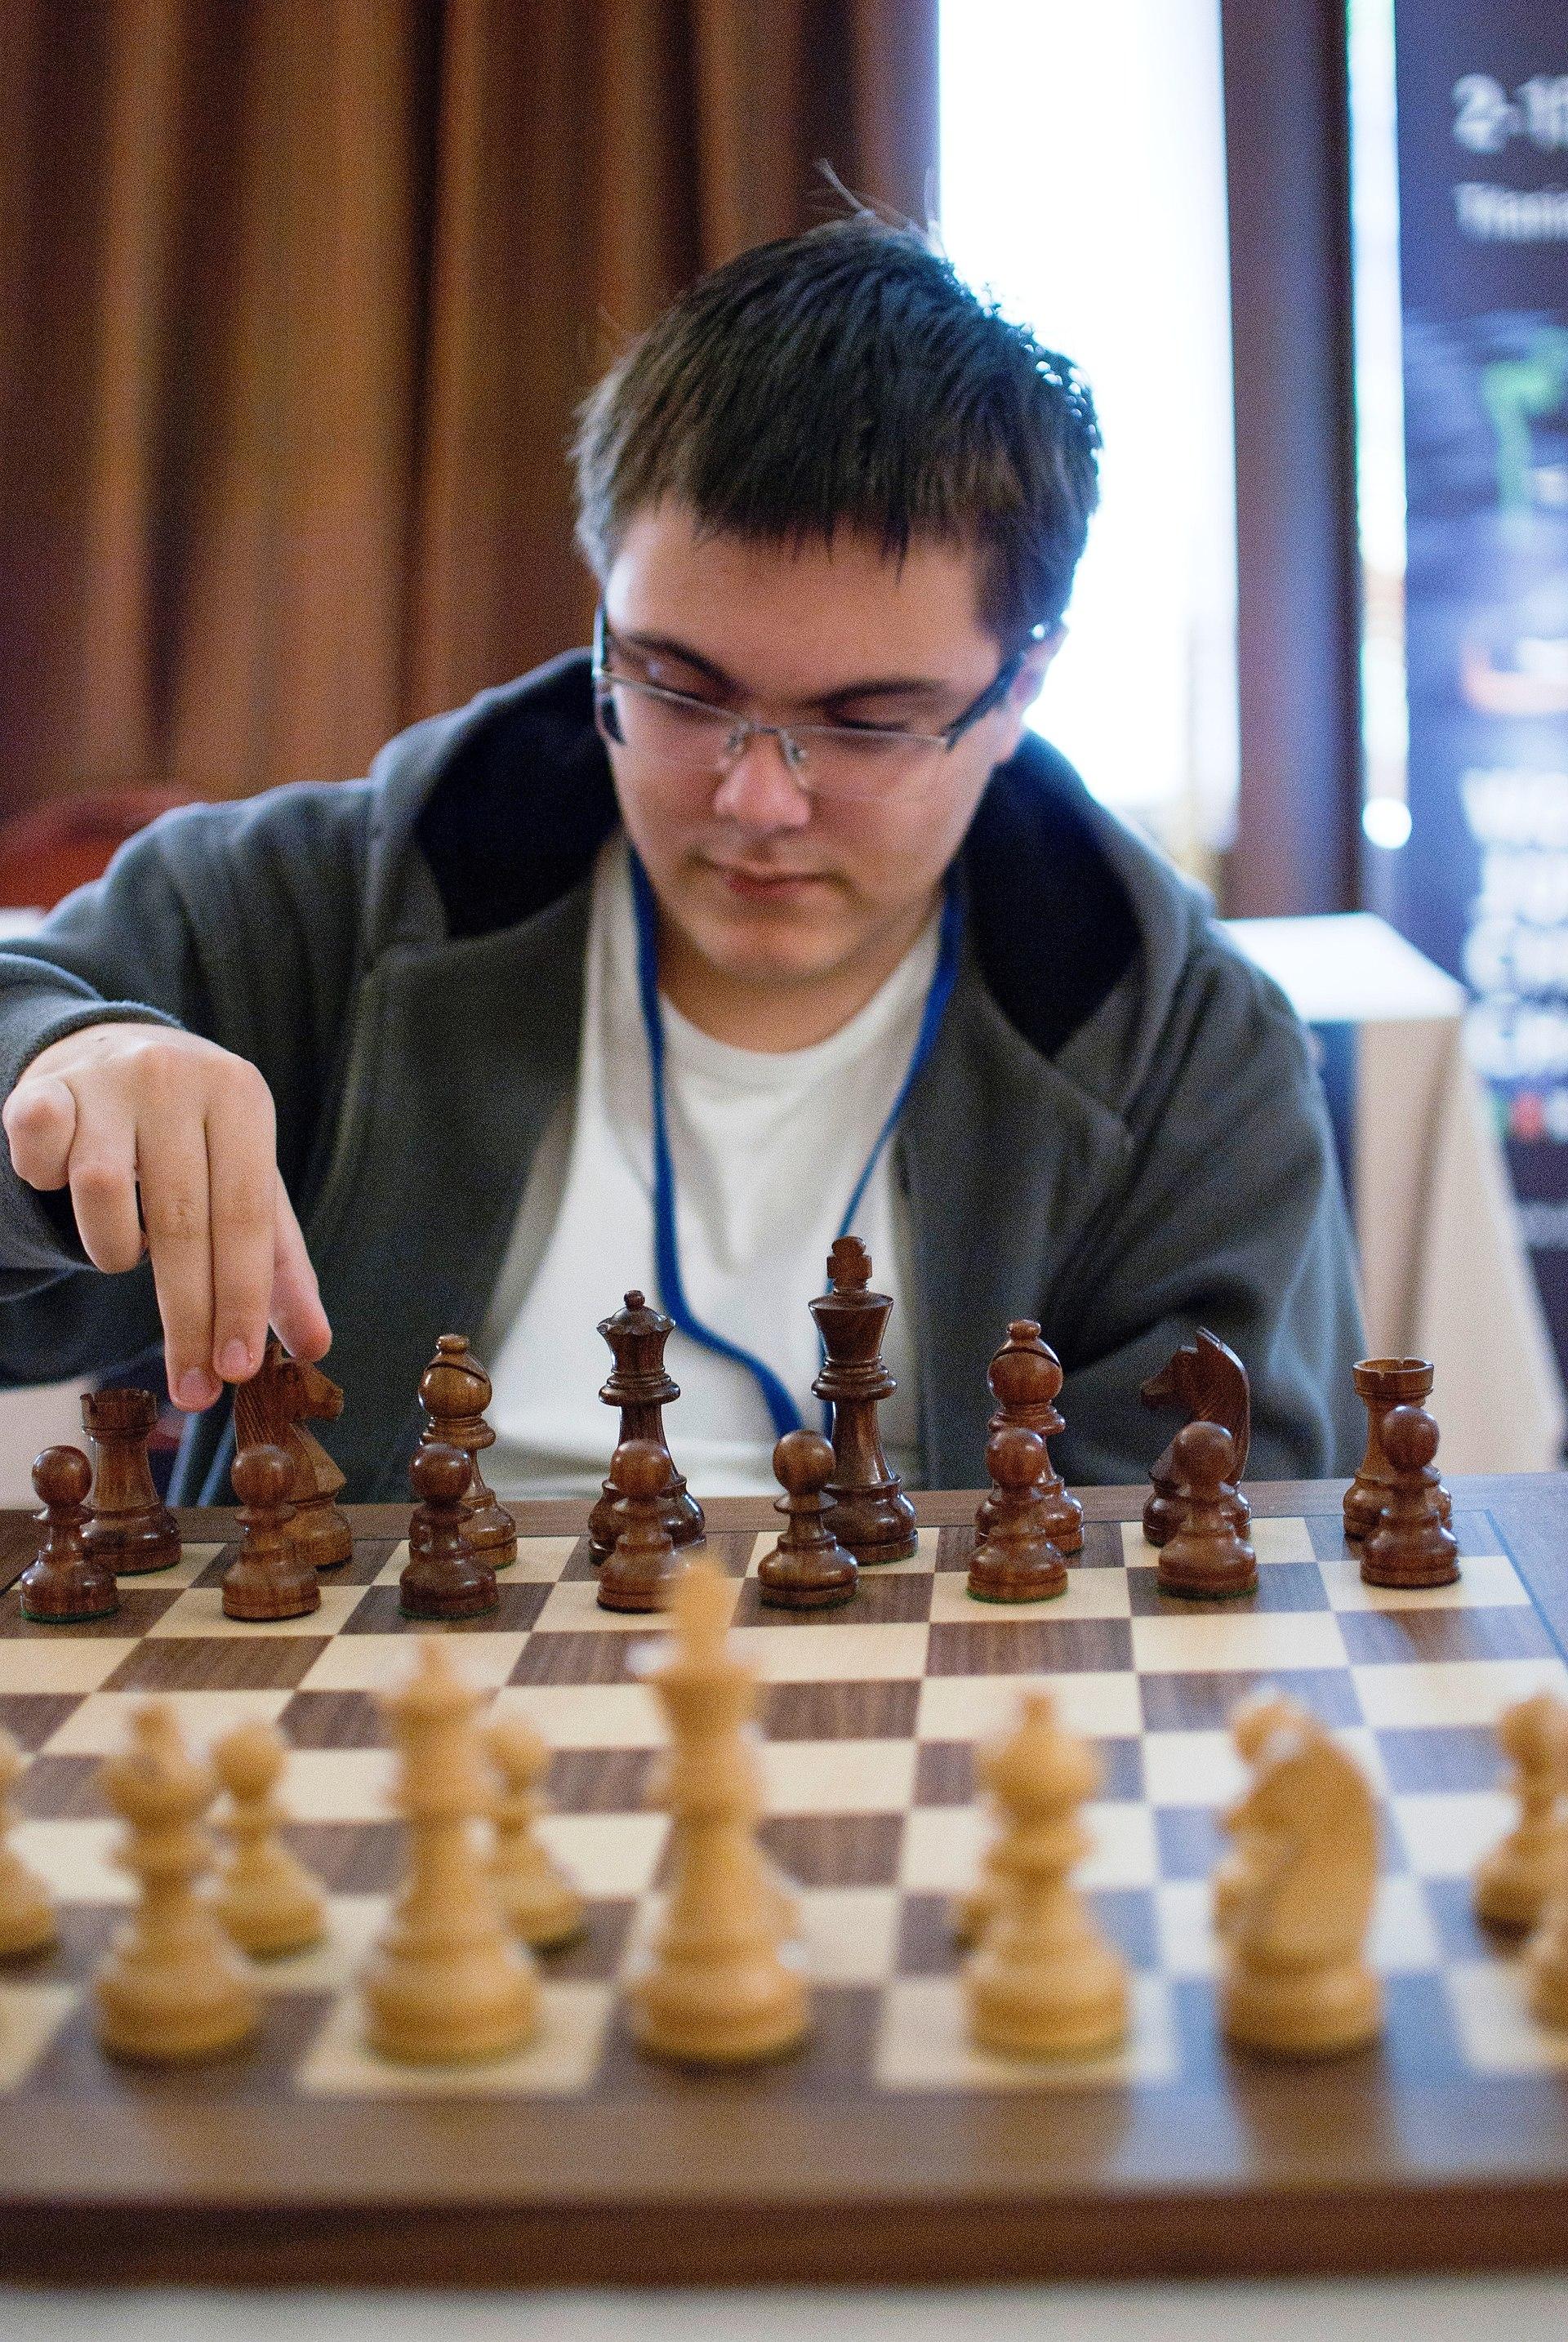 победитель чемпионата мира по шахматам 2006